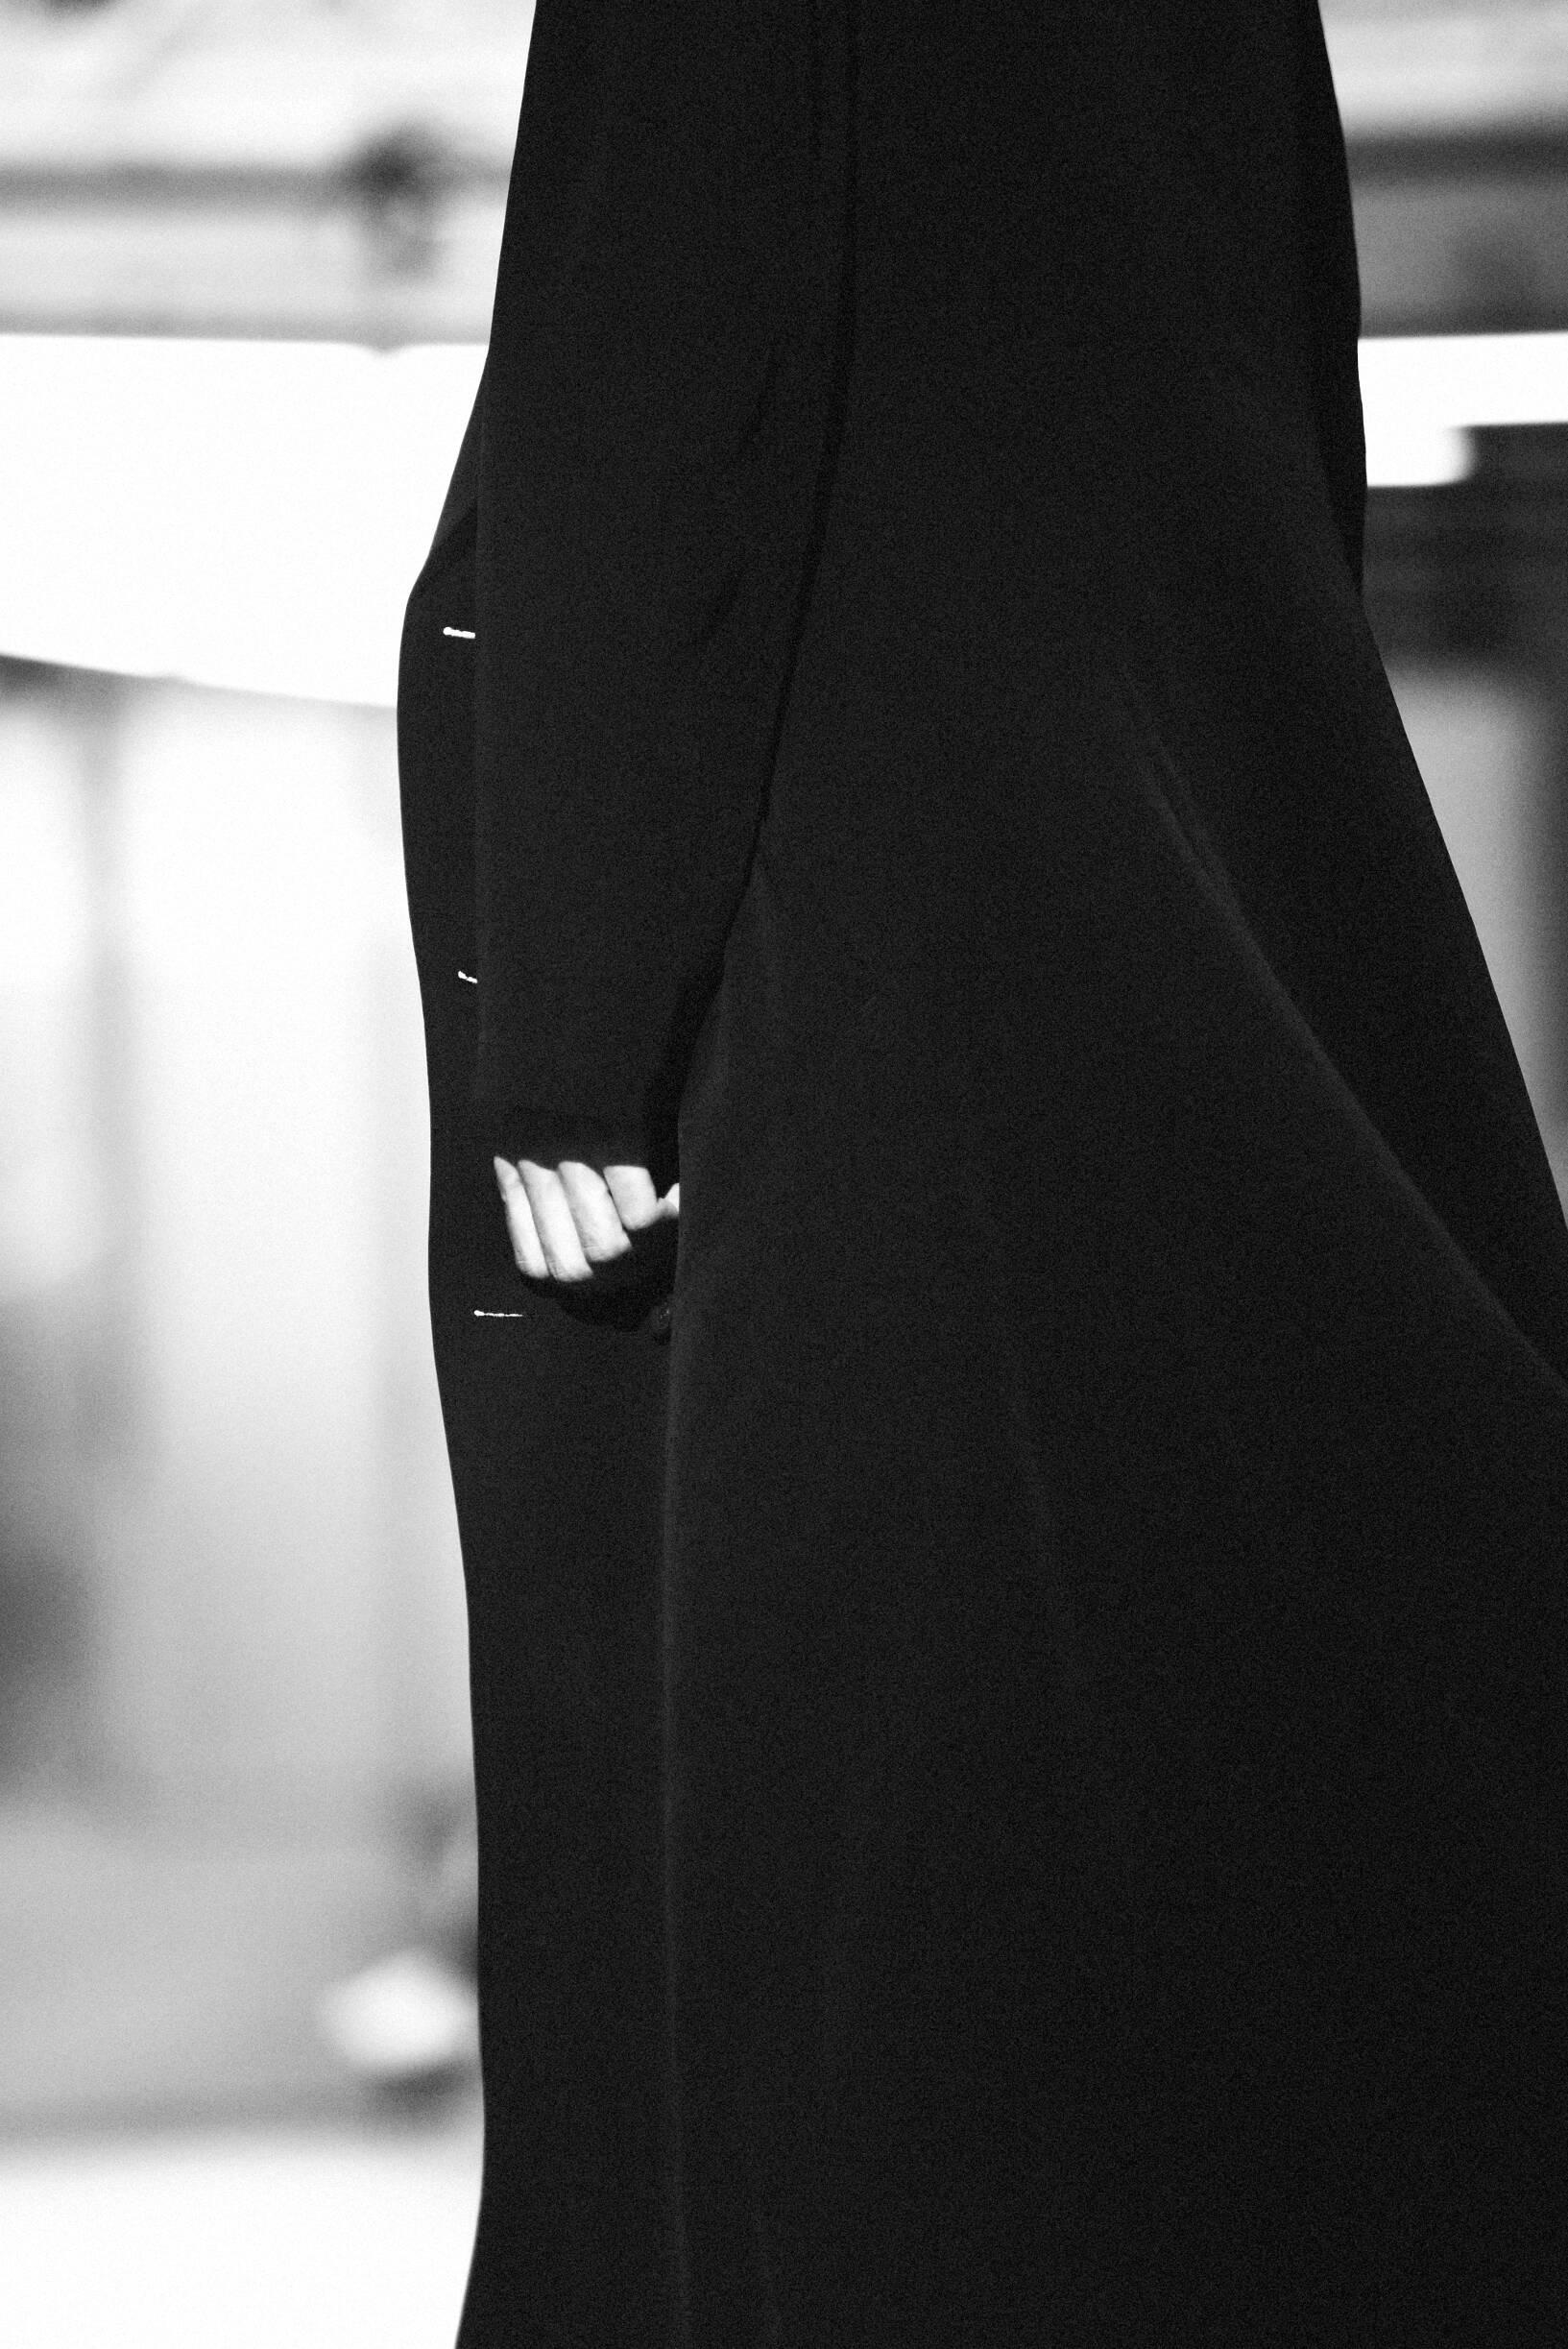 Backstage Yohji Yamamoto Detail SS 2020